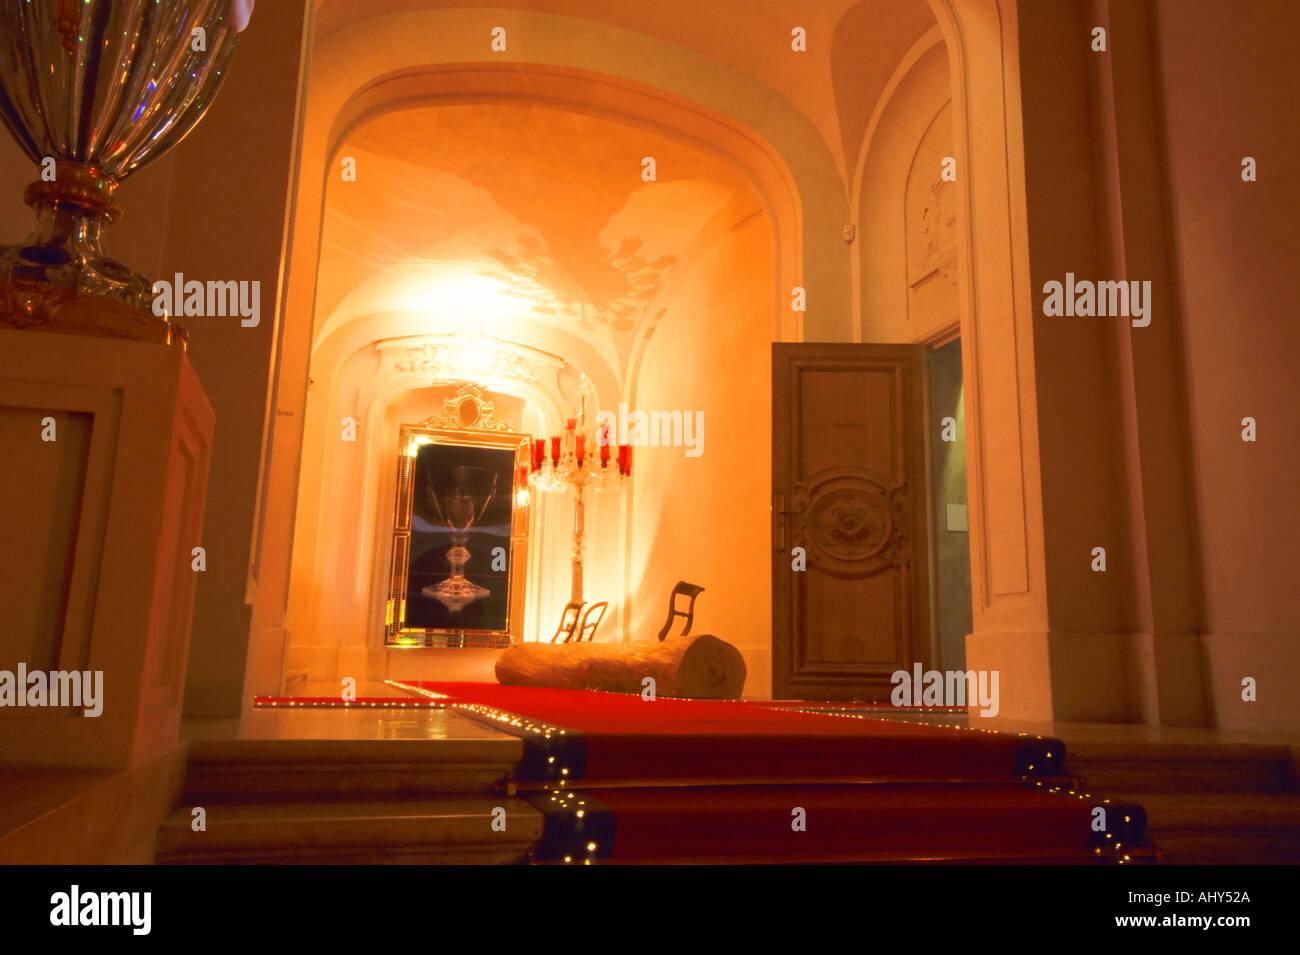 Lingresso principale con moquette rossa costruita con illuminazione